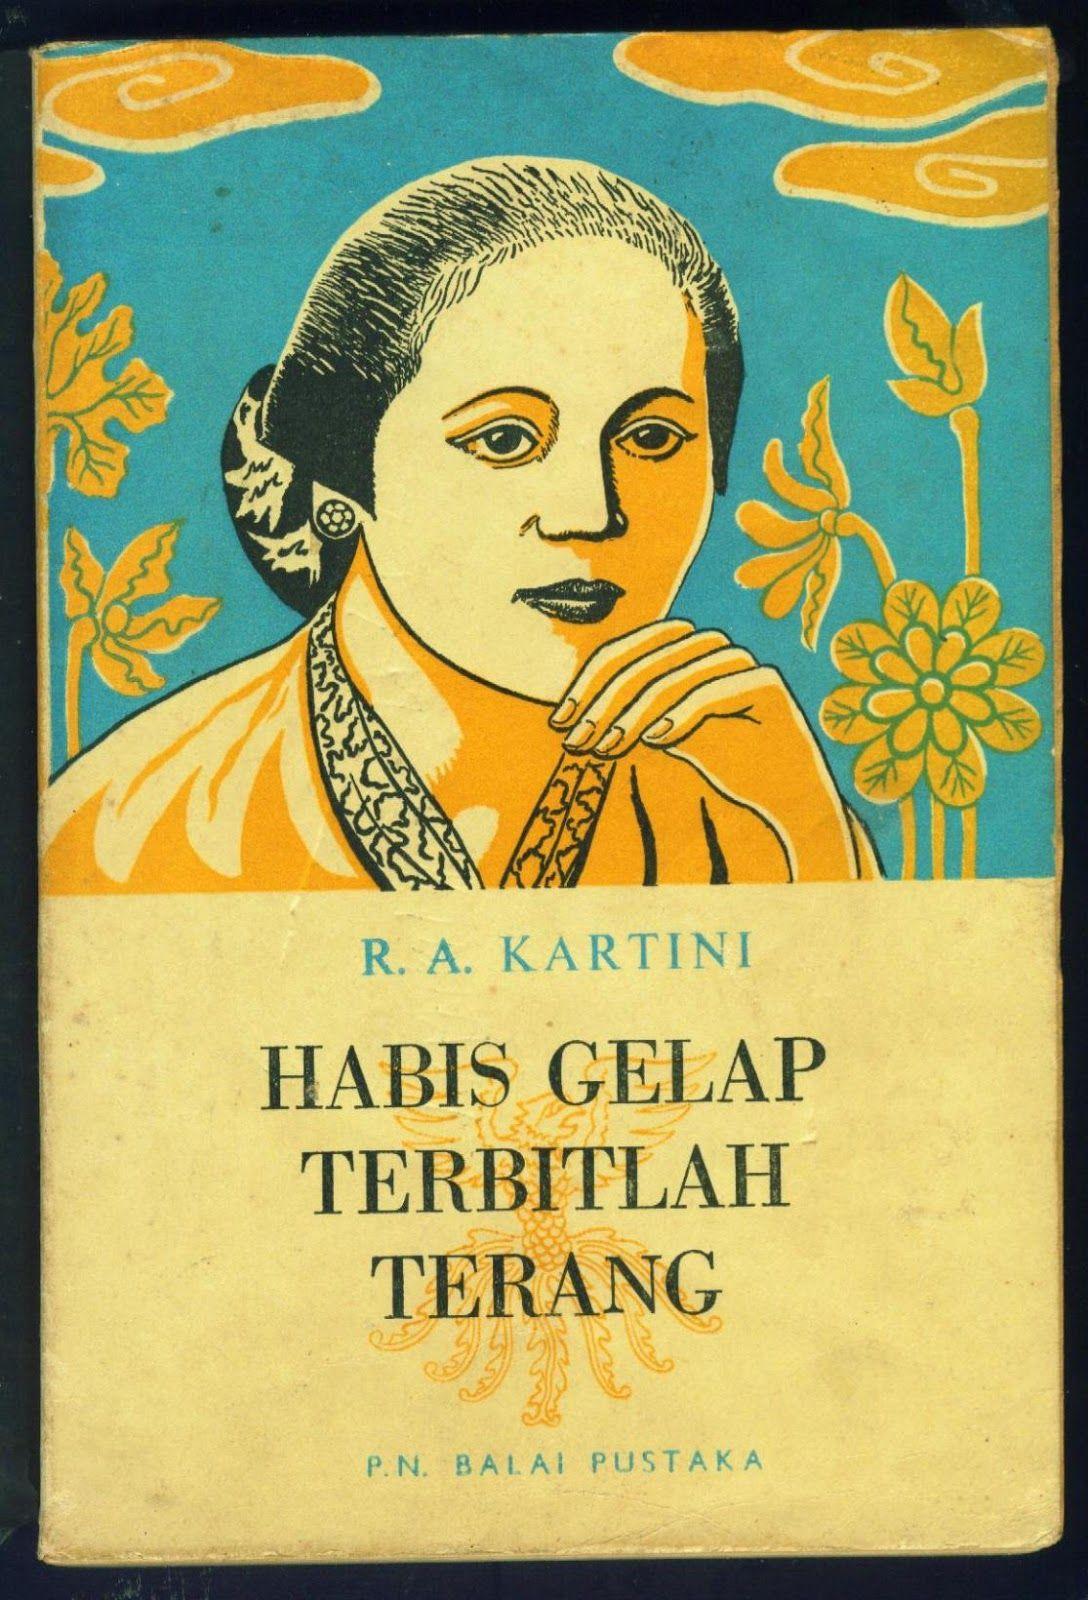 ra kartini habis gelap terbitlah terang women in history poster history pinterest